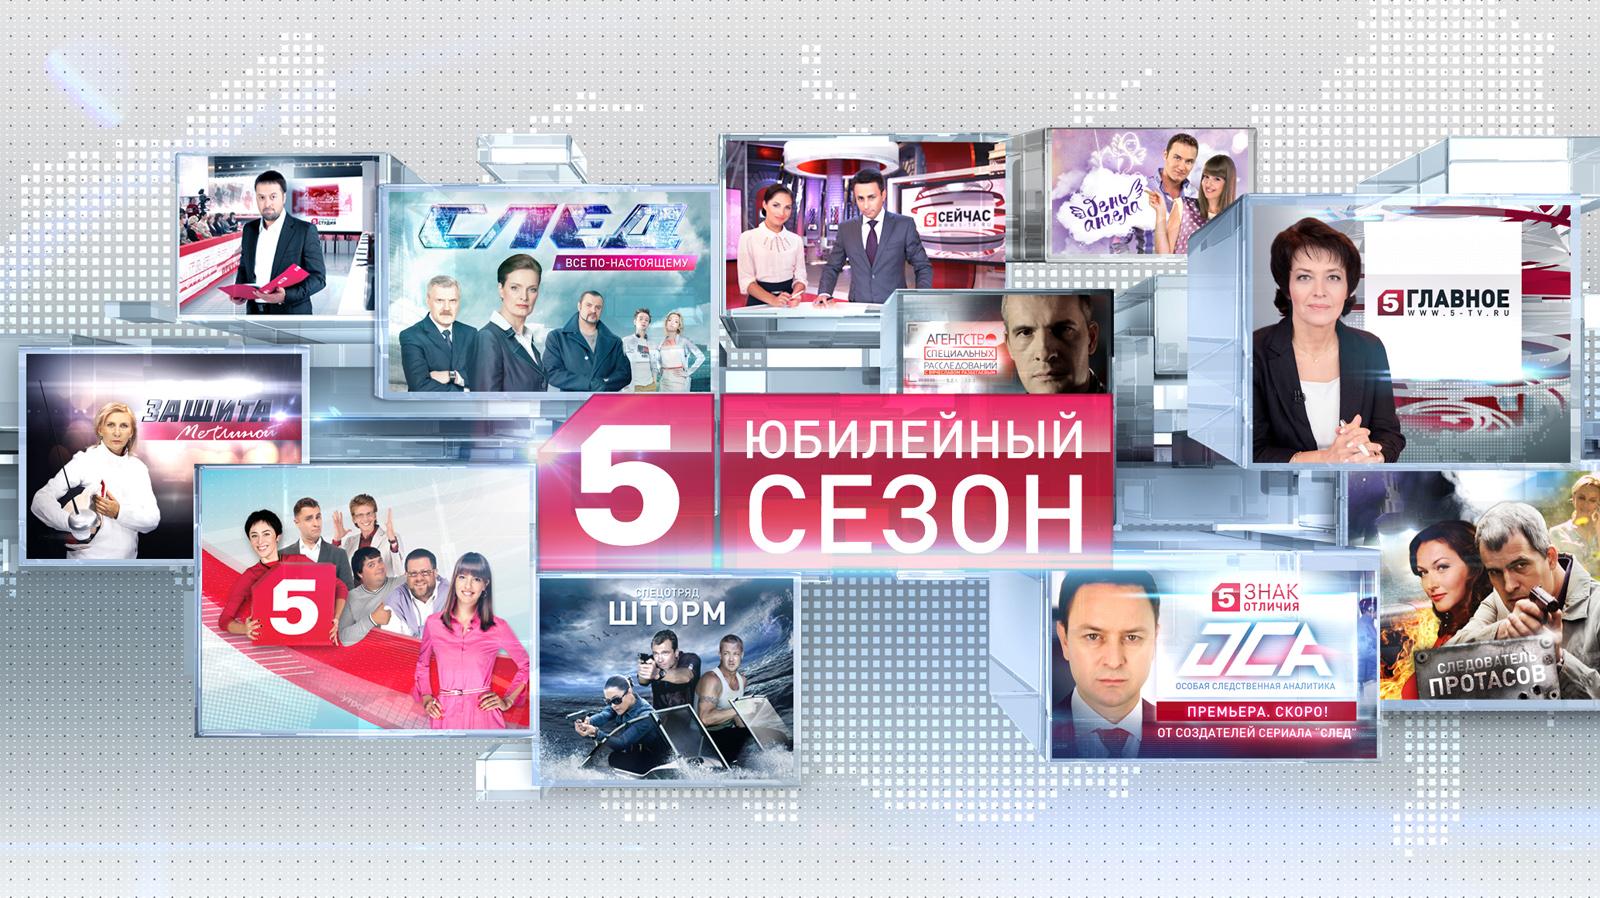 Последние новости россии сегодня самые свежие онлайн